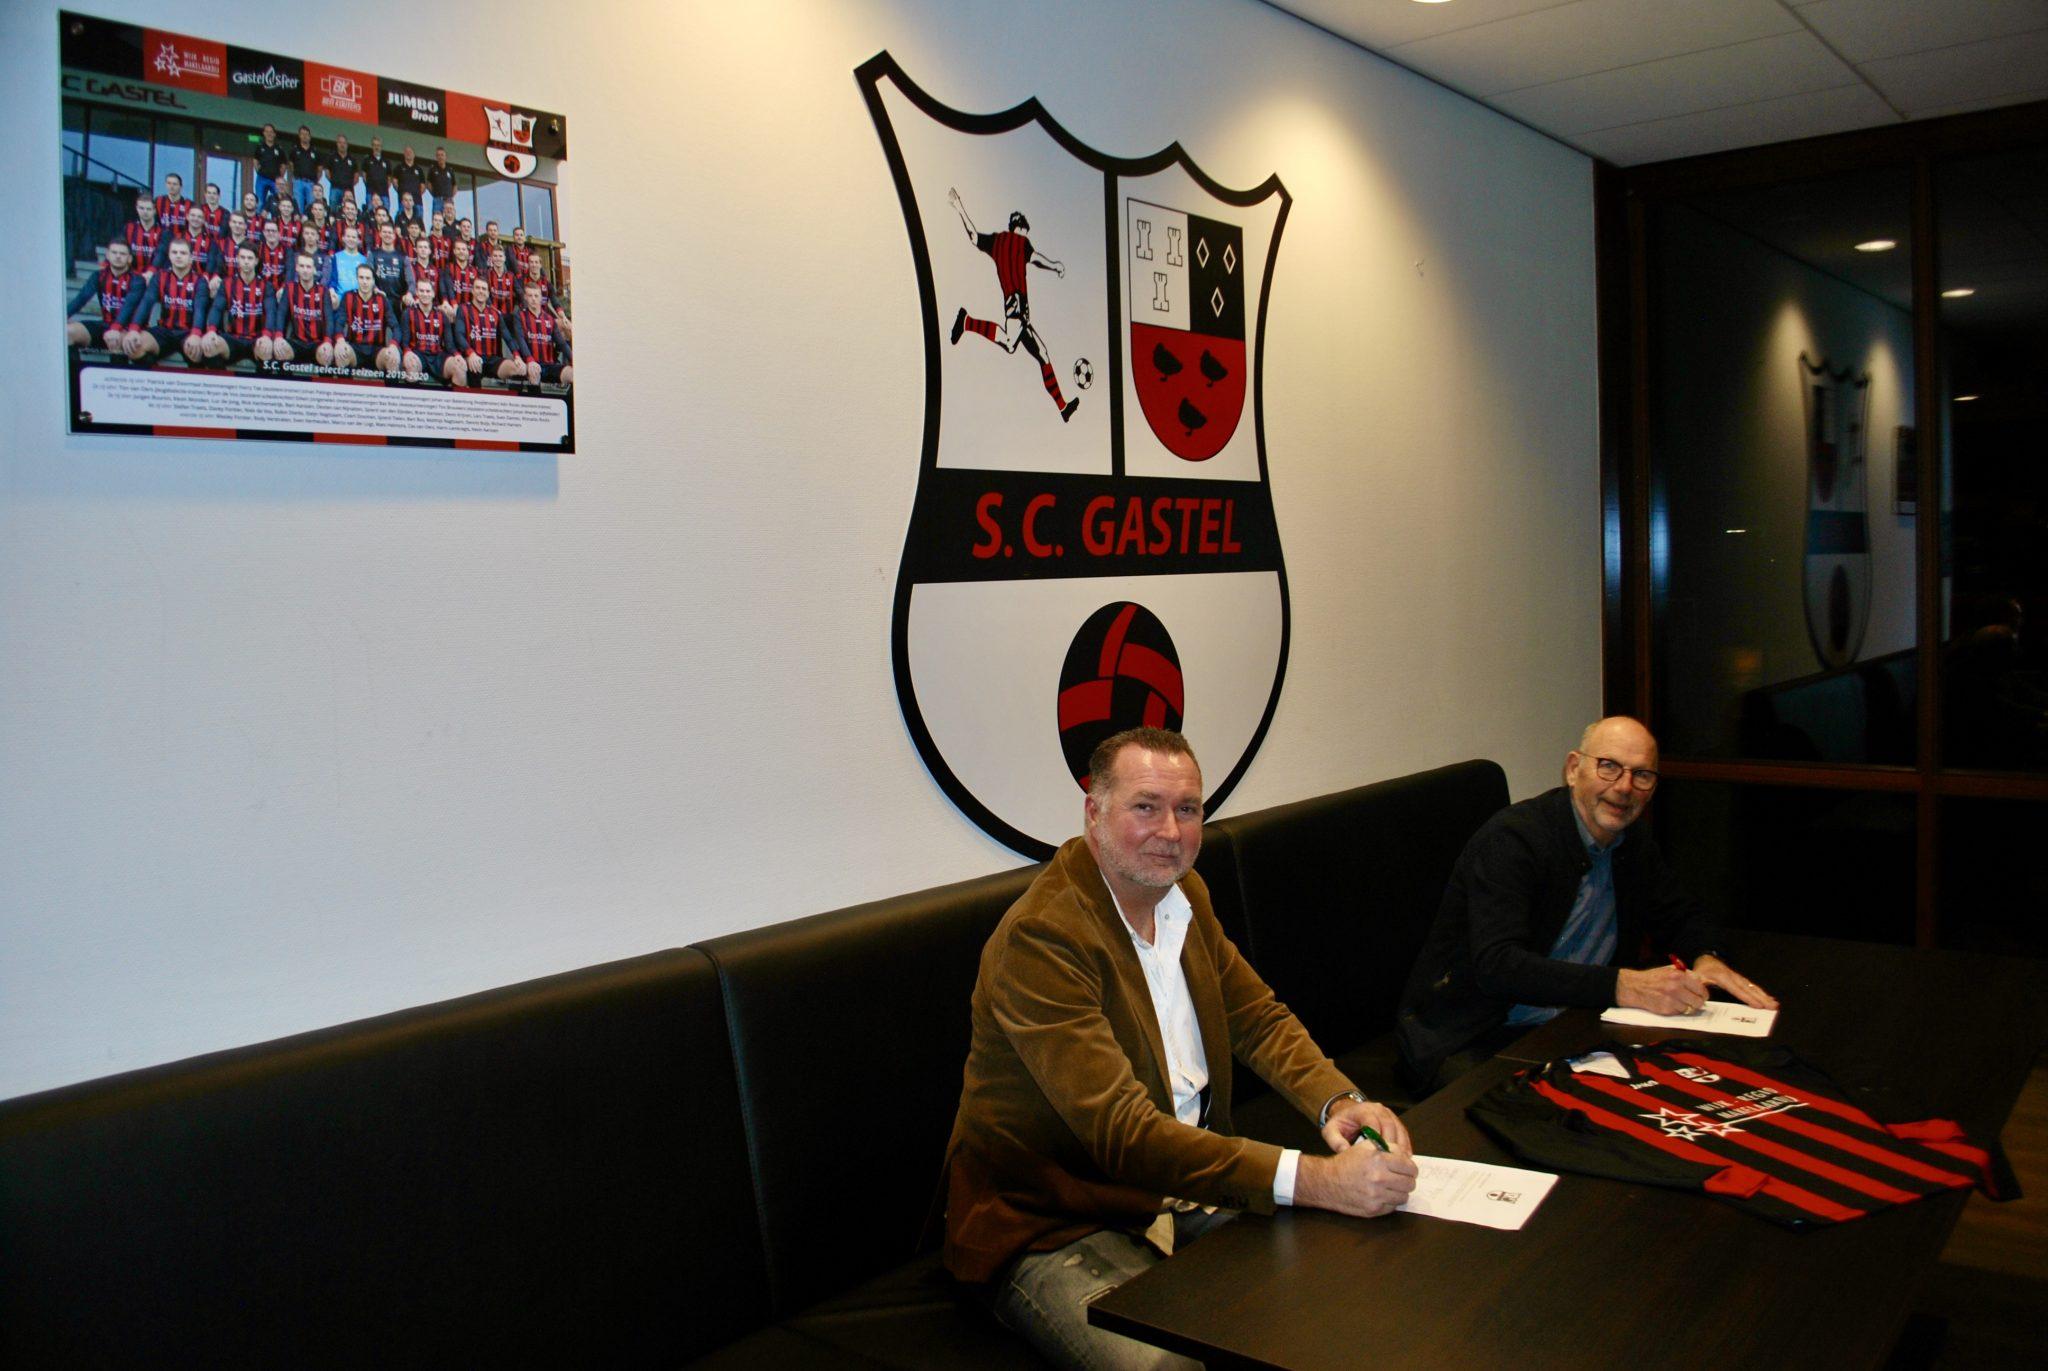 Trainer Kees de Rooij met ingang van seizoen '21/'22 aan de slag bij SC Gastel